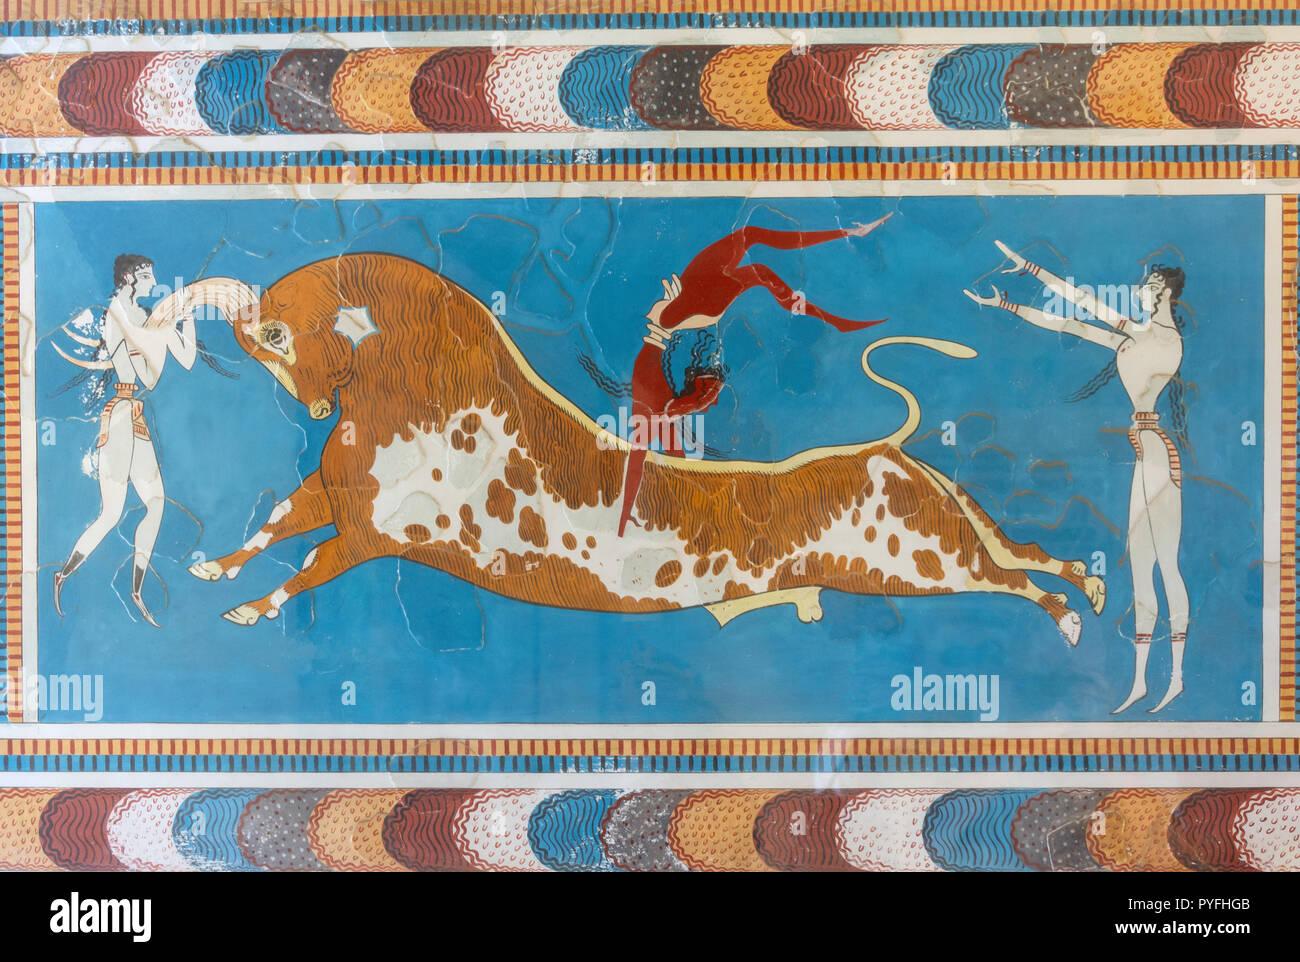 Bull-leaping fresco, Minoan Palace of Knossos, Heraklion (Irakleio), Irakleio Region, Crete (Kriti), Greece - Stock Image